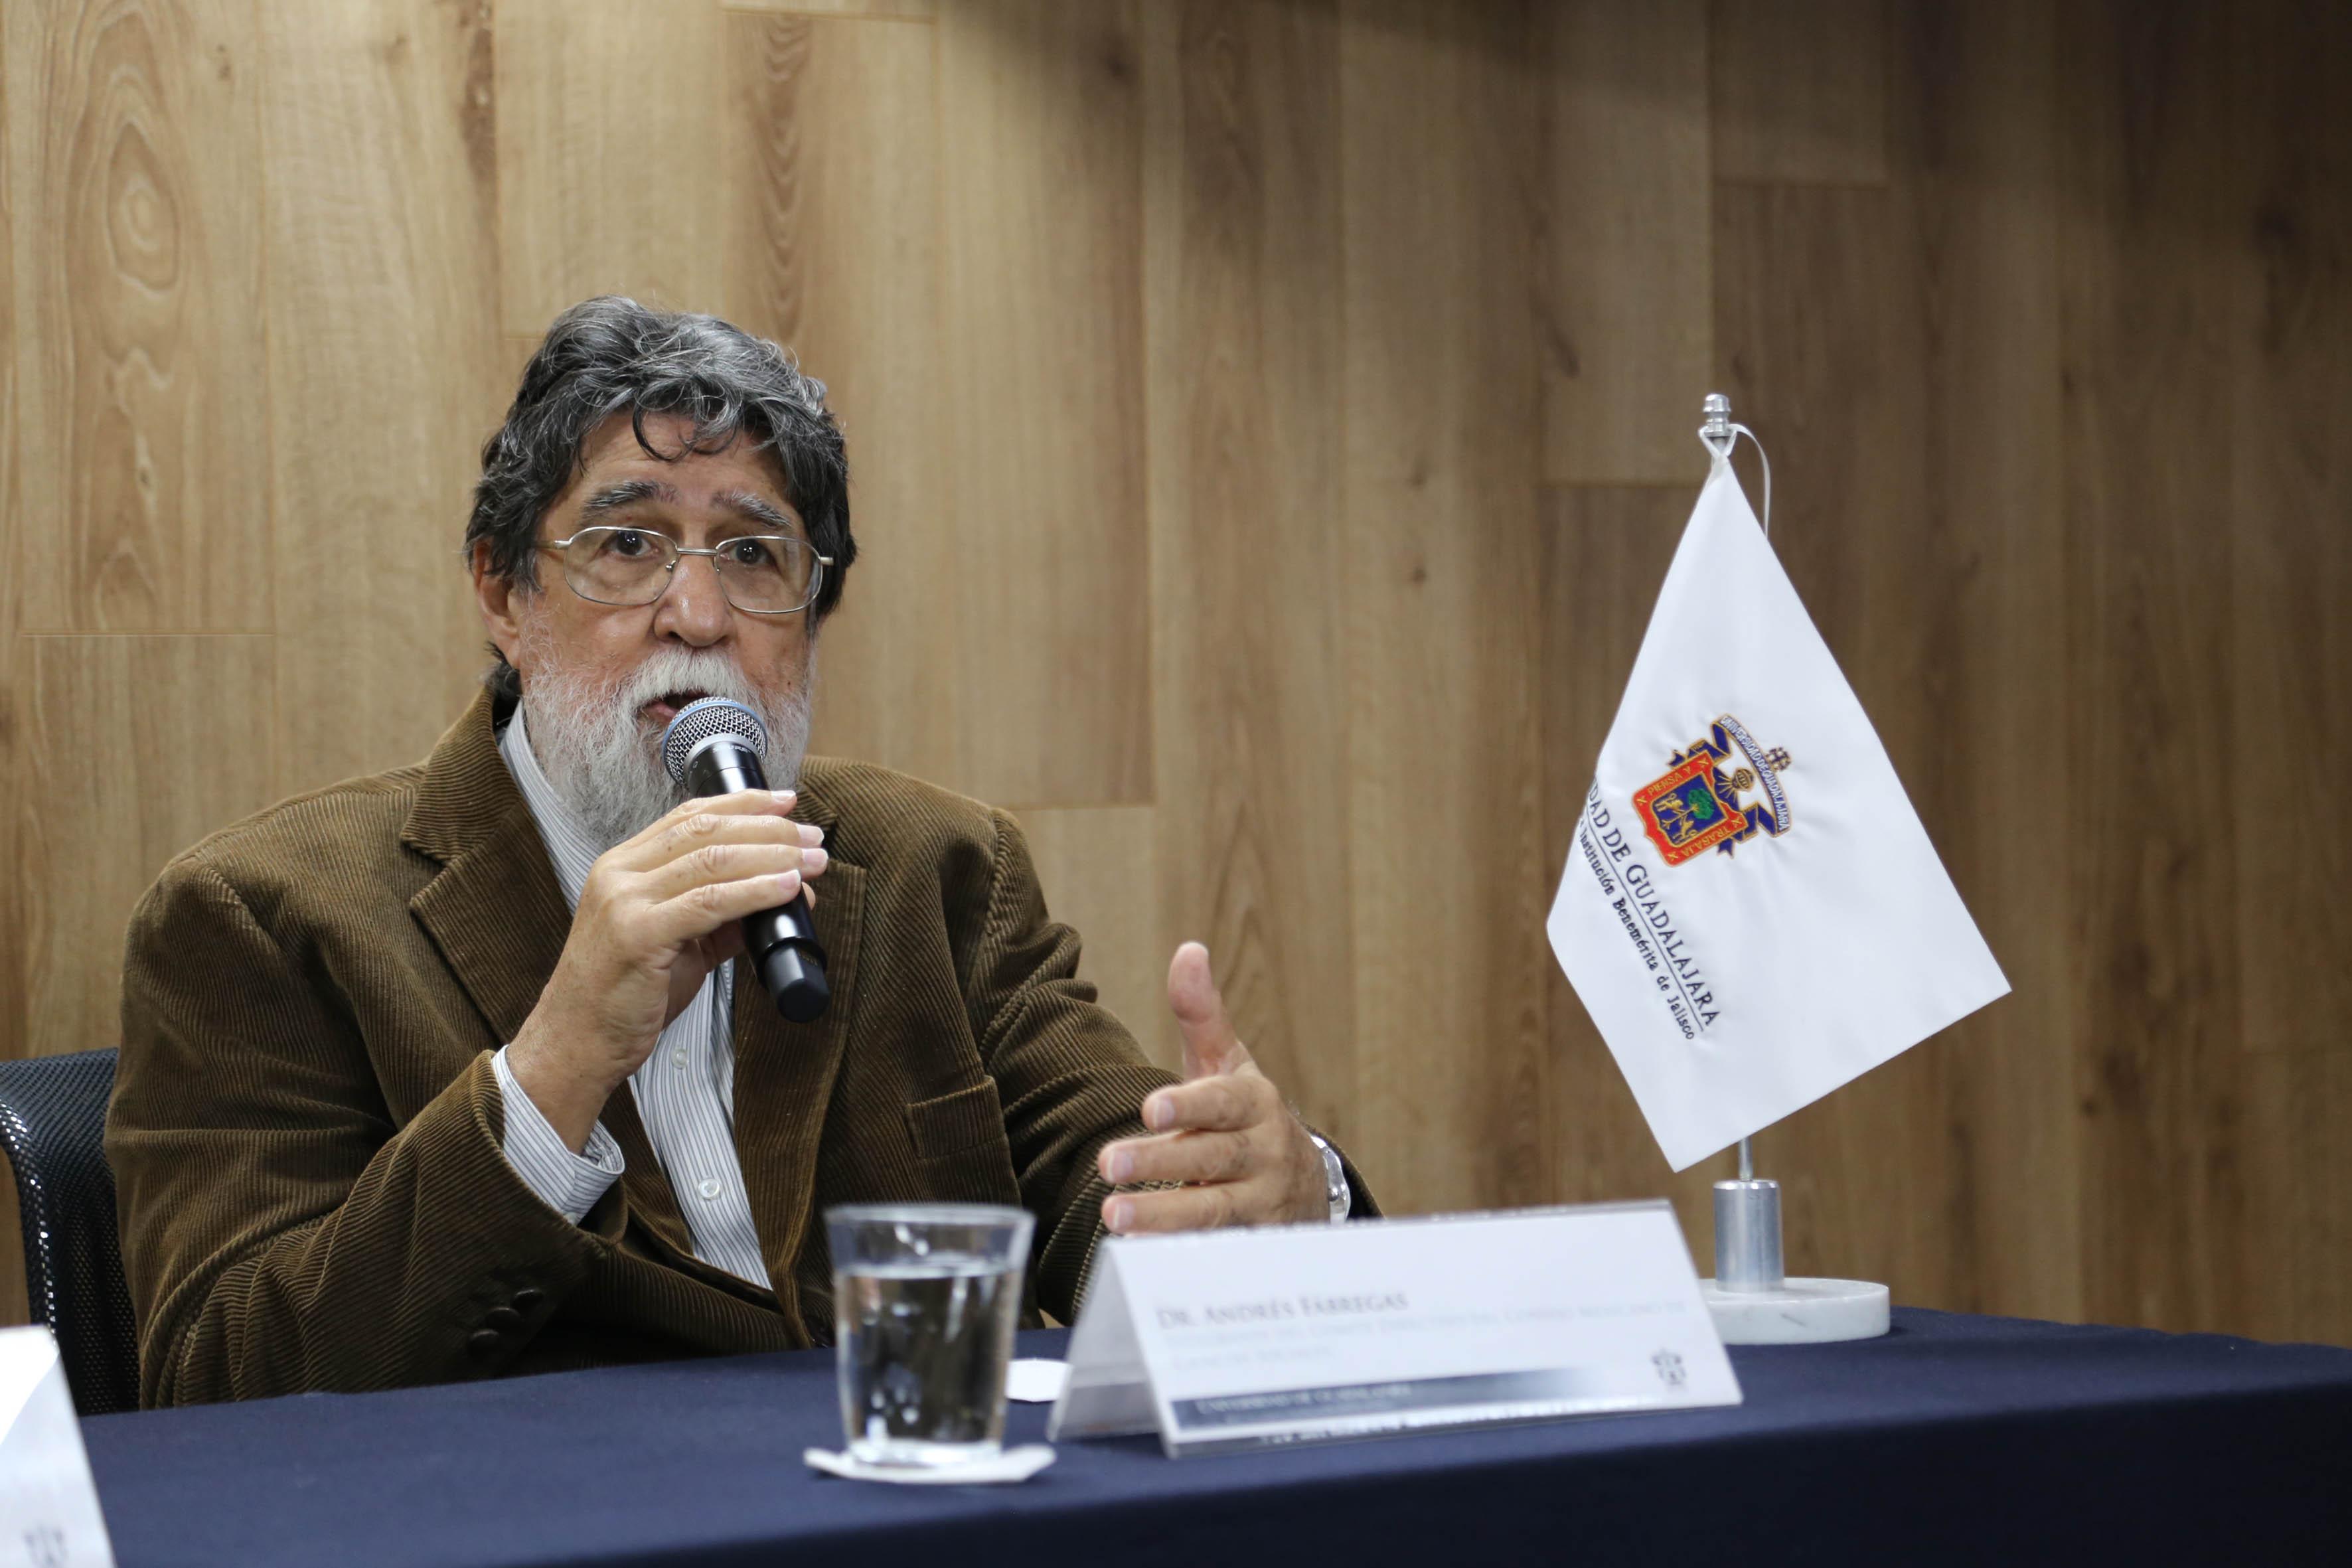 Dr. Andrés Fábregas, integrante del Comité directivo del Consejo Mexicano de Ciencias Sociales y director del Ciesas Occidente